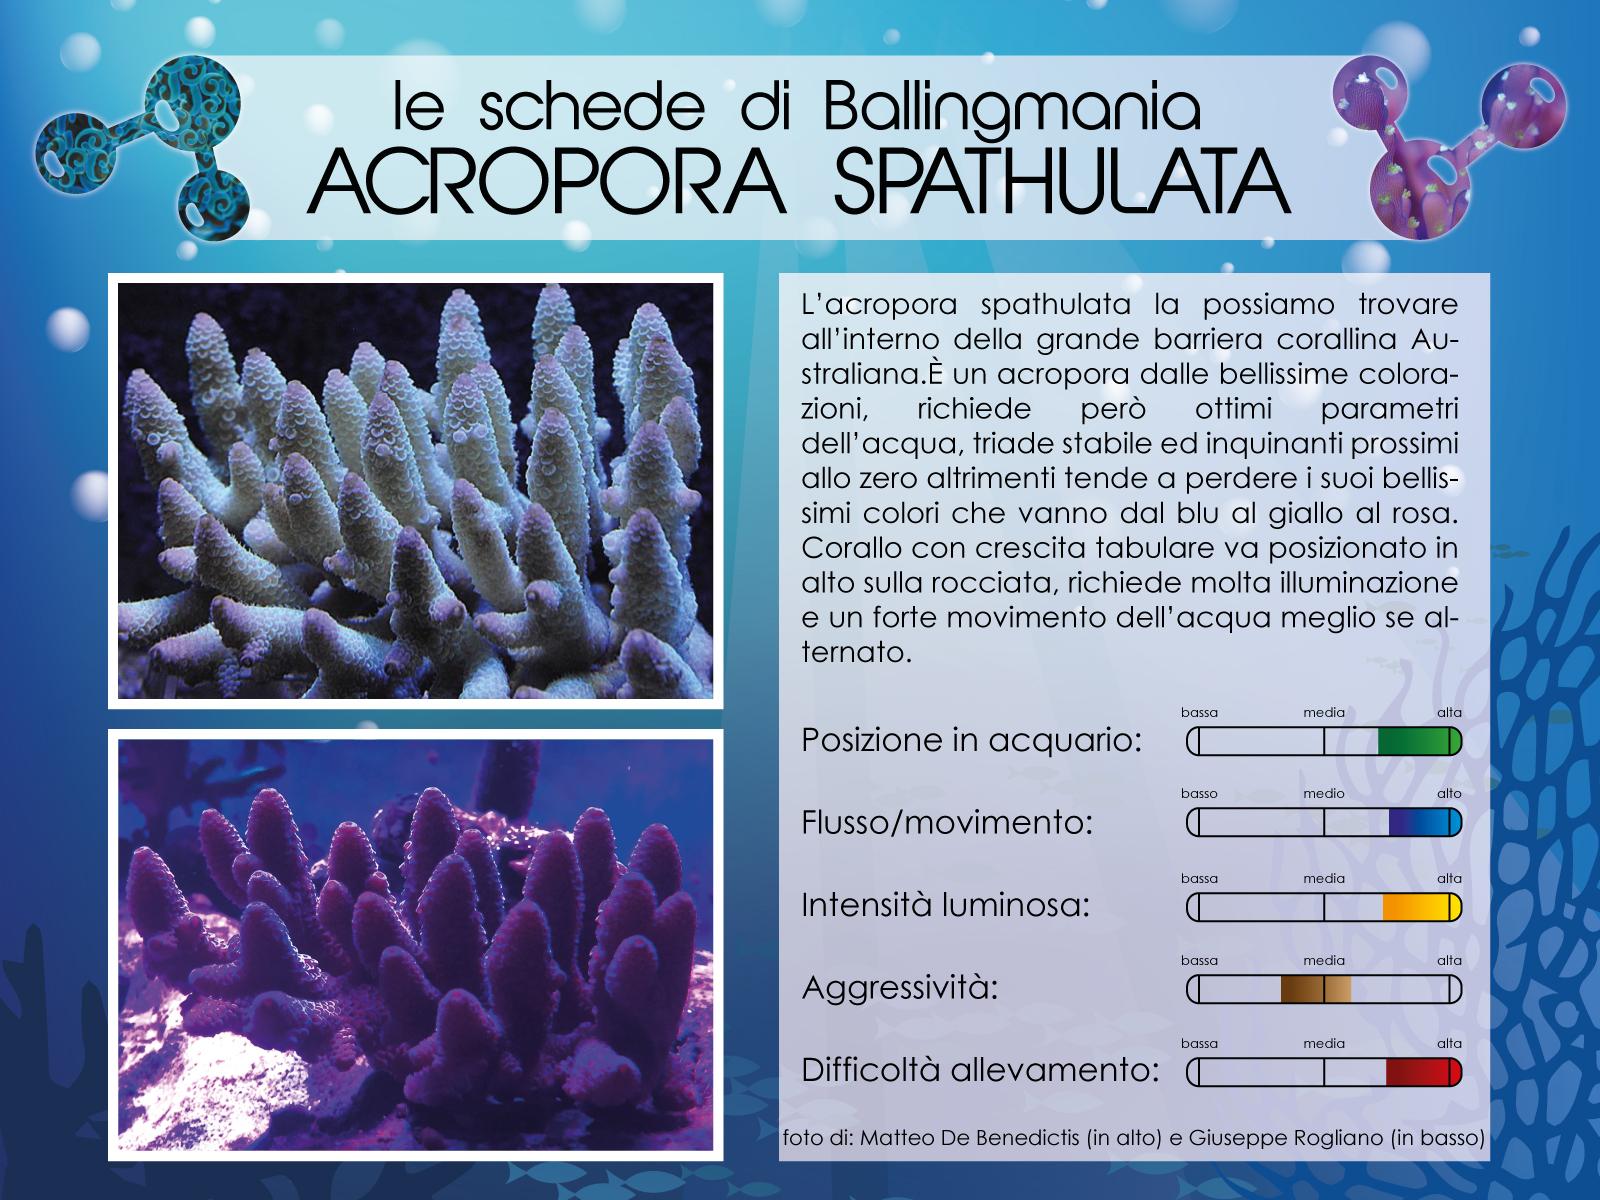 Acropora Spathulata